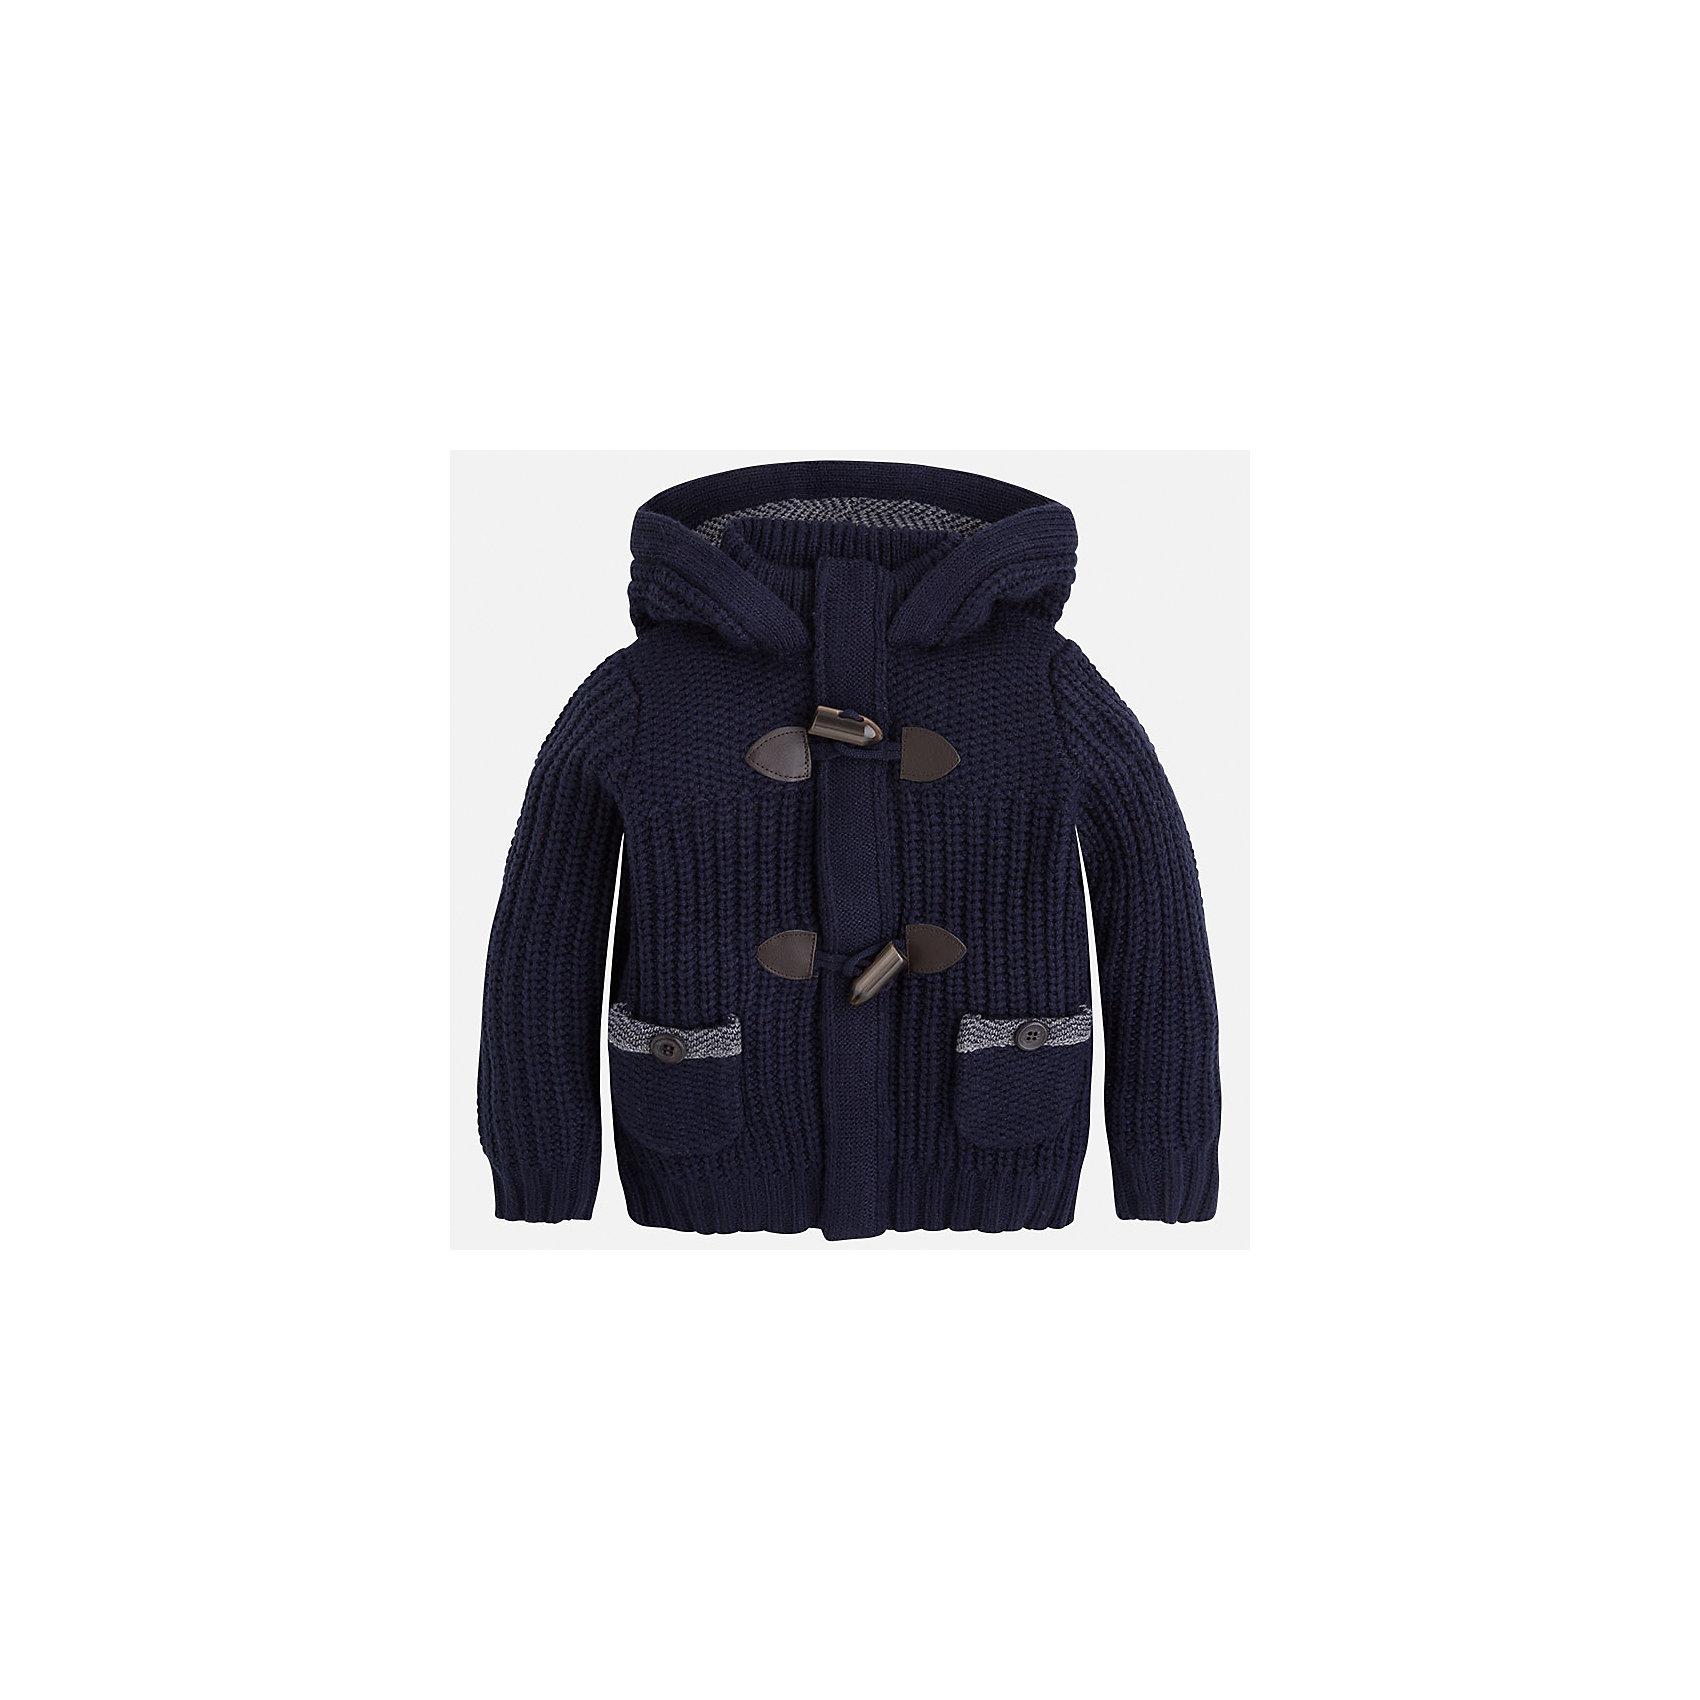 Mayoral Куртка для мальчика Mayoral виброплатформы для похудения в алматы в интернет магазине